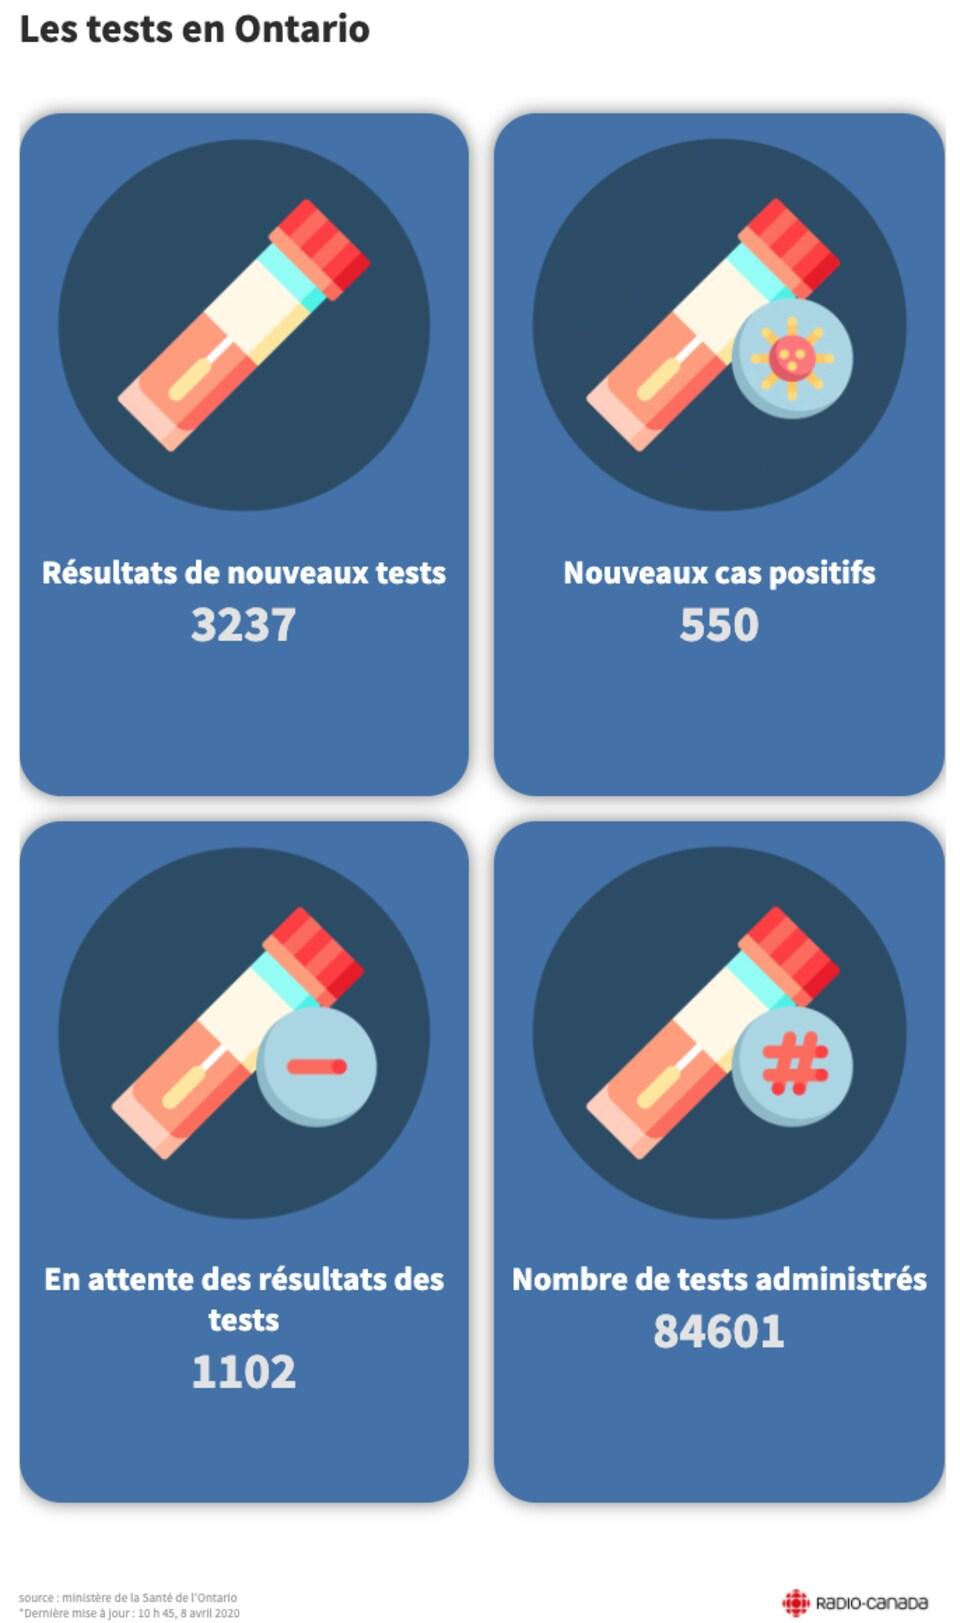 Infographie montrant le nombre de tests effectués en Ontario.